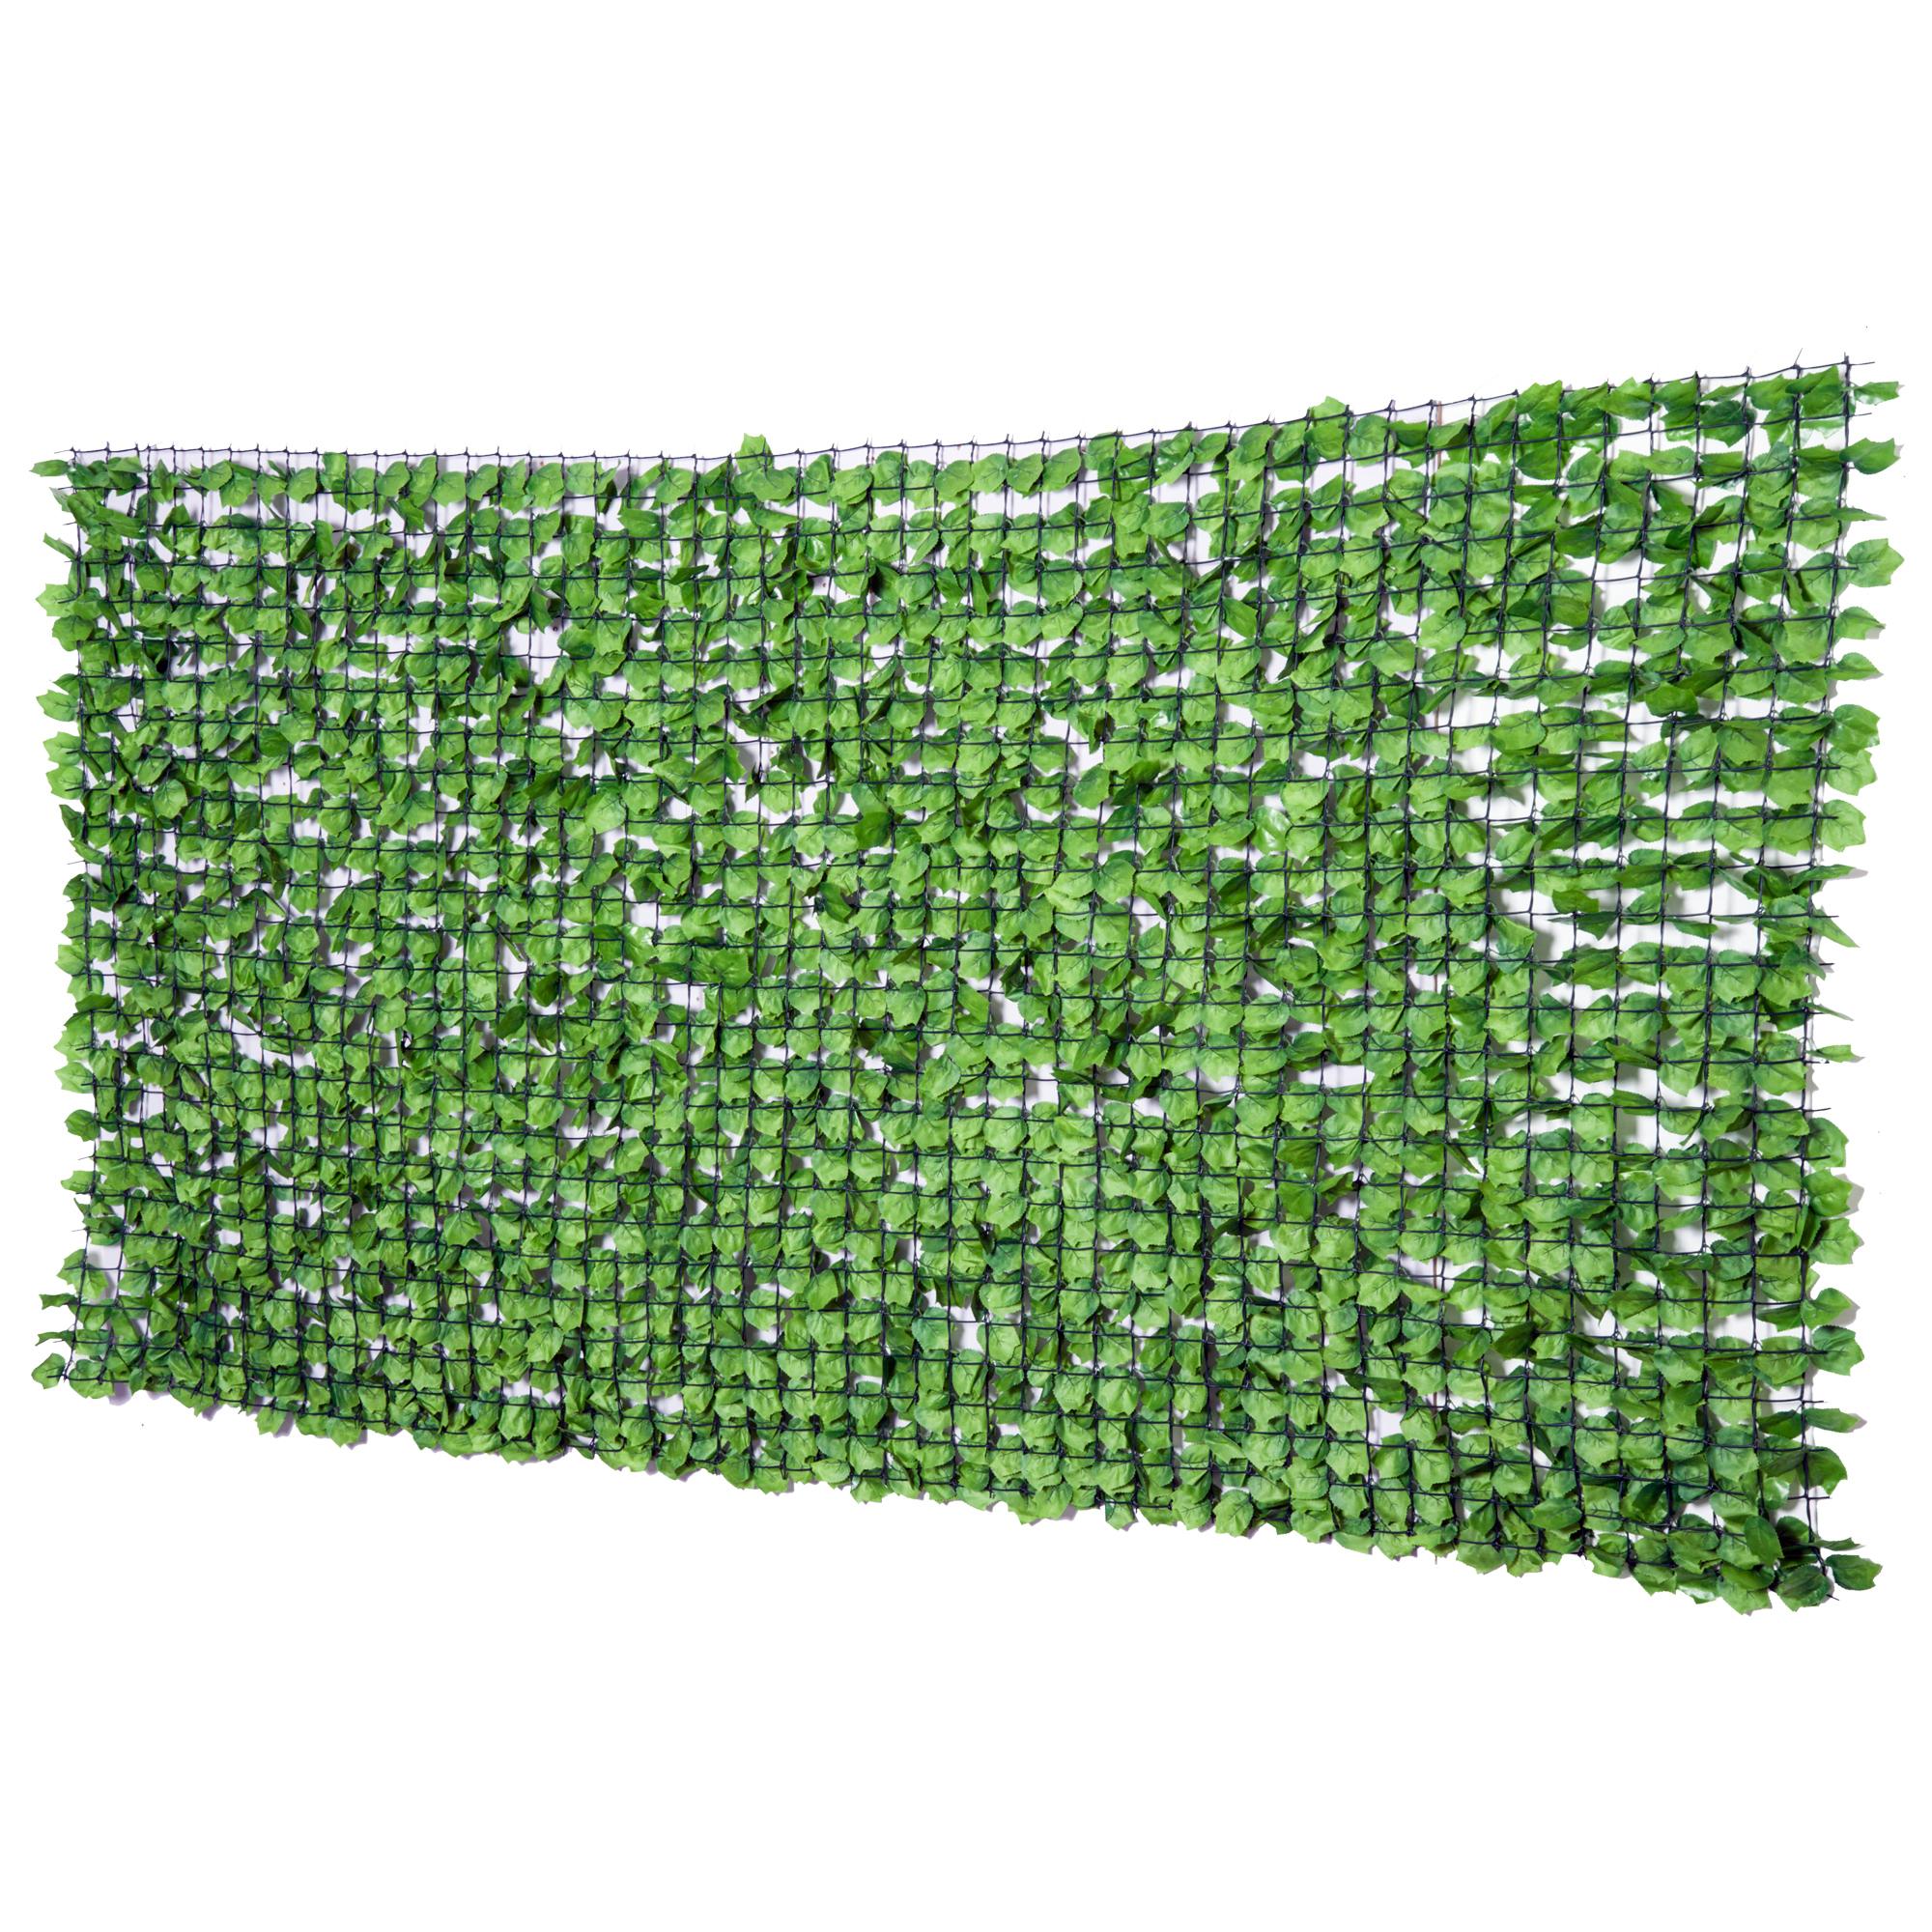 Haie artificiel érable brise-vue 3L x 1,5H m